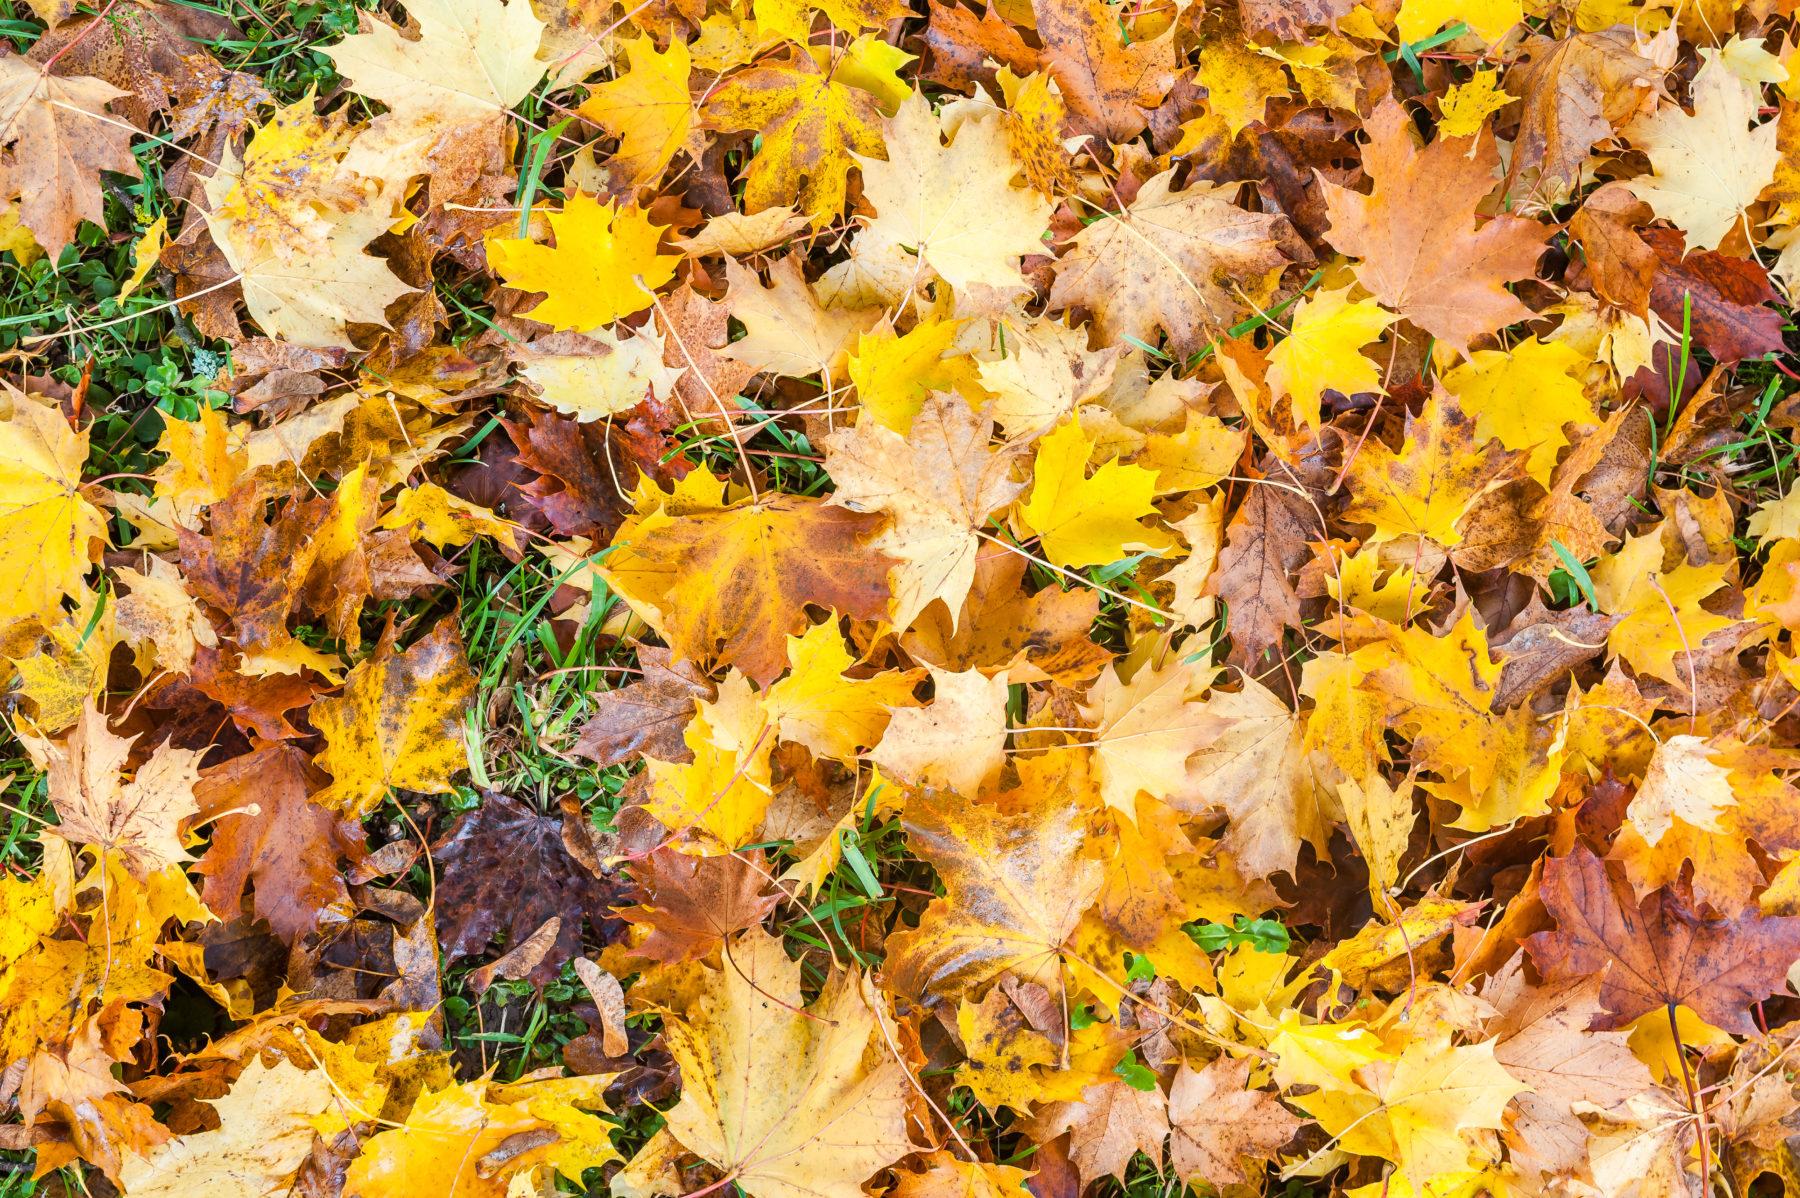 Ohne Zuordnung Herbst Blätter Auf Dem Boden Shutterstock 447164707